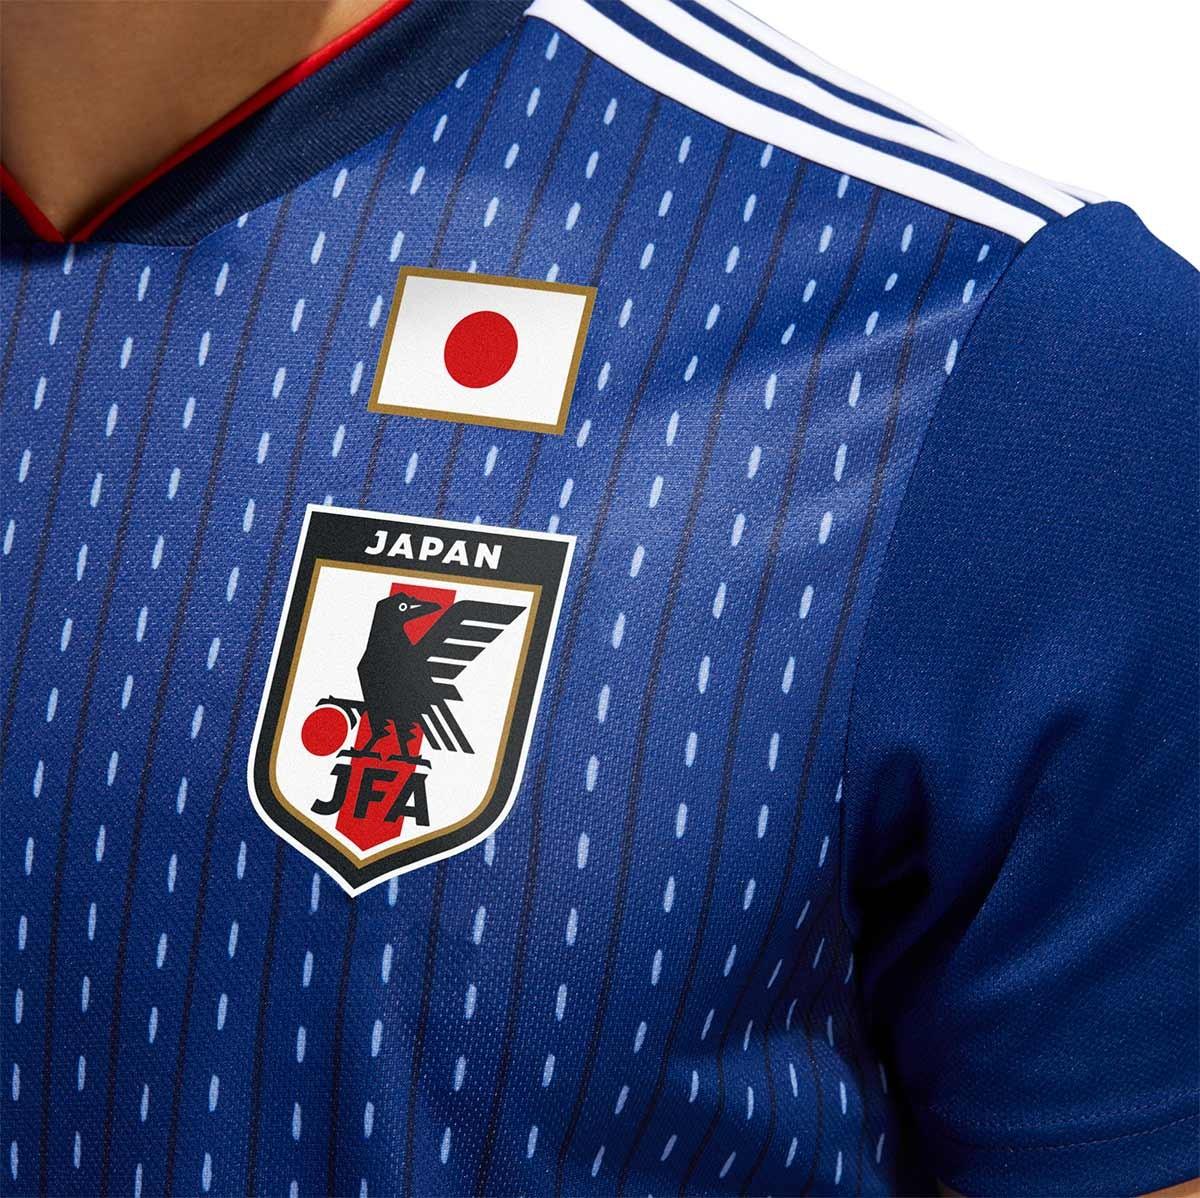 Camiseta adidas Japón Primera Equipación 2017-2018 Night blue-White -  Soloporteros es ahora Fútbol Emotion 25c333c0bb84f